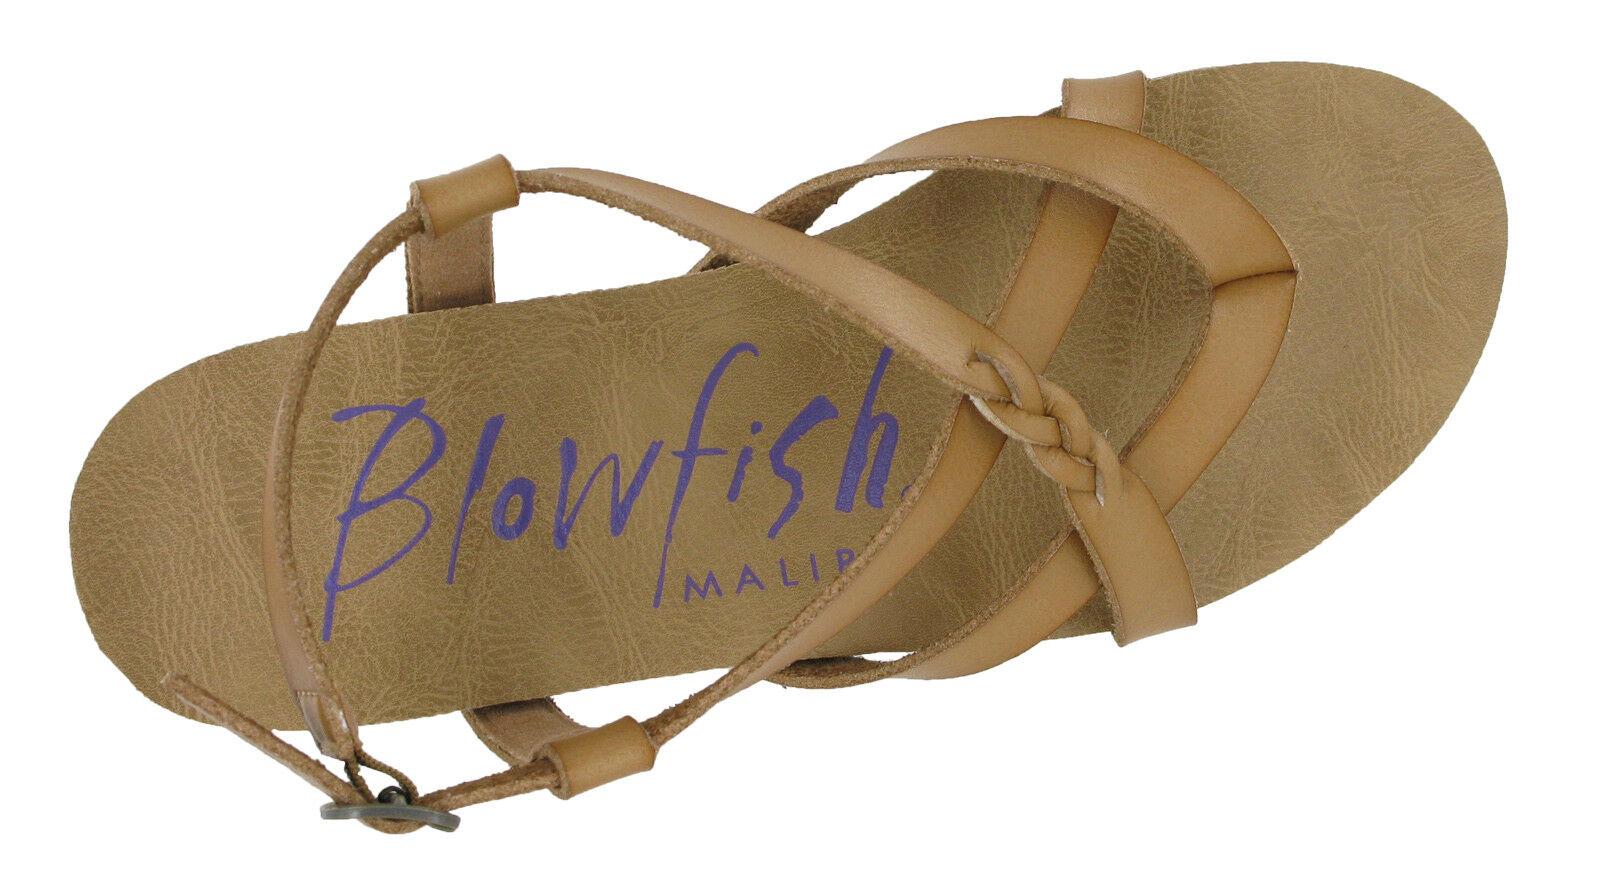 Blowfish Granola Flache offener Damen offener Flache ZEHENBEREICH Mode Sandalen mit Schnalle 156341